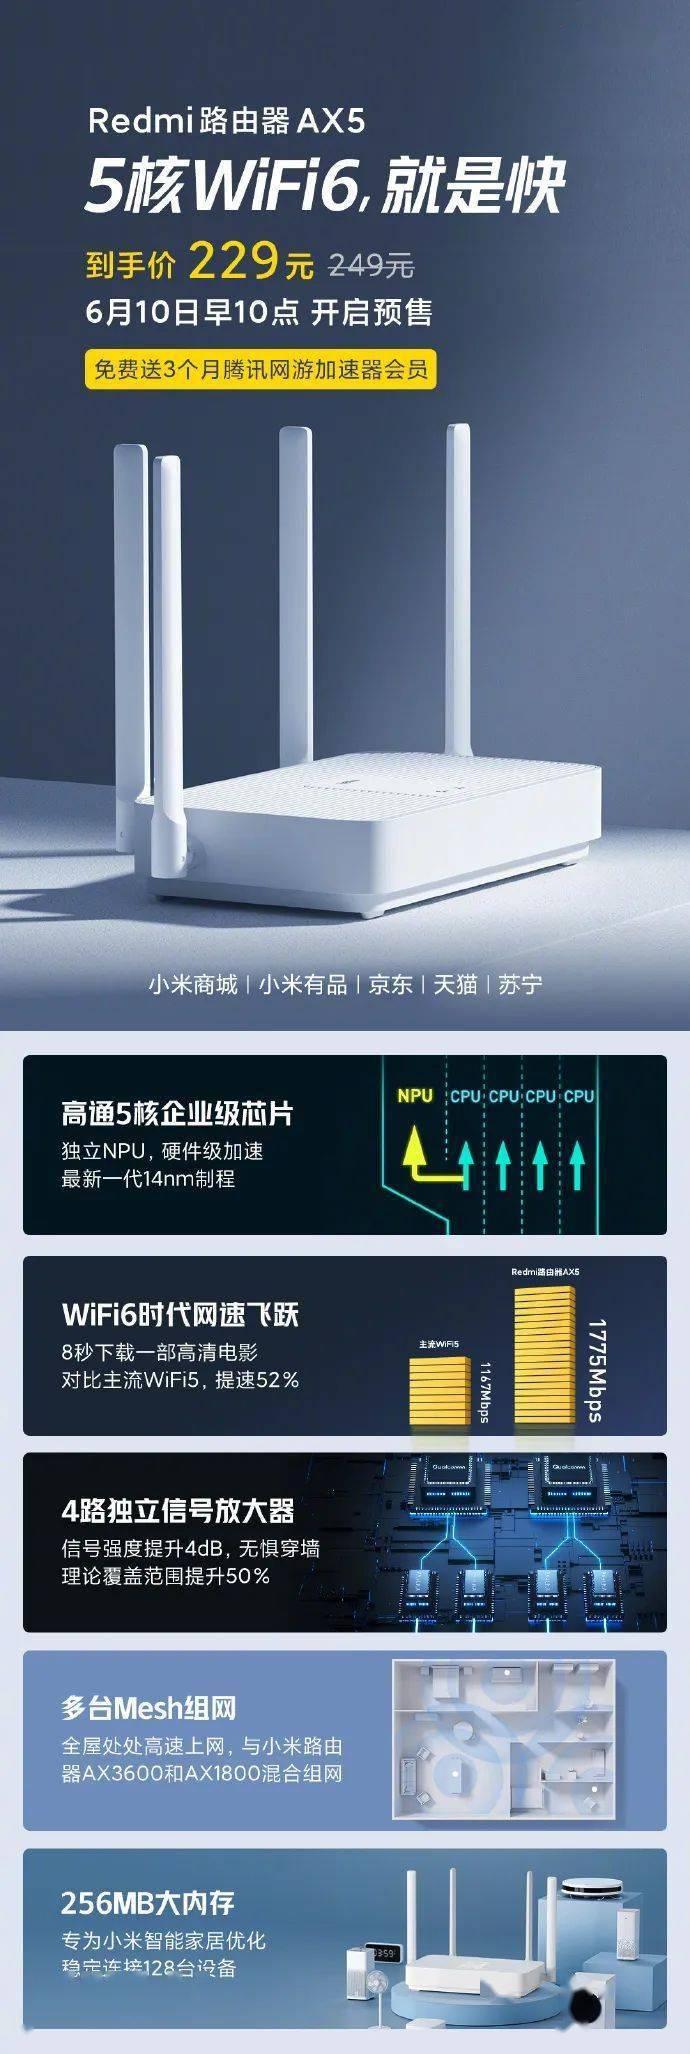 【新机】性价比最高的WiFi6路由器?